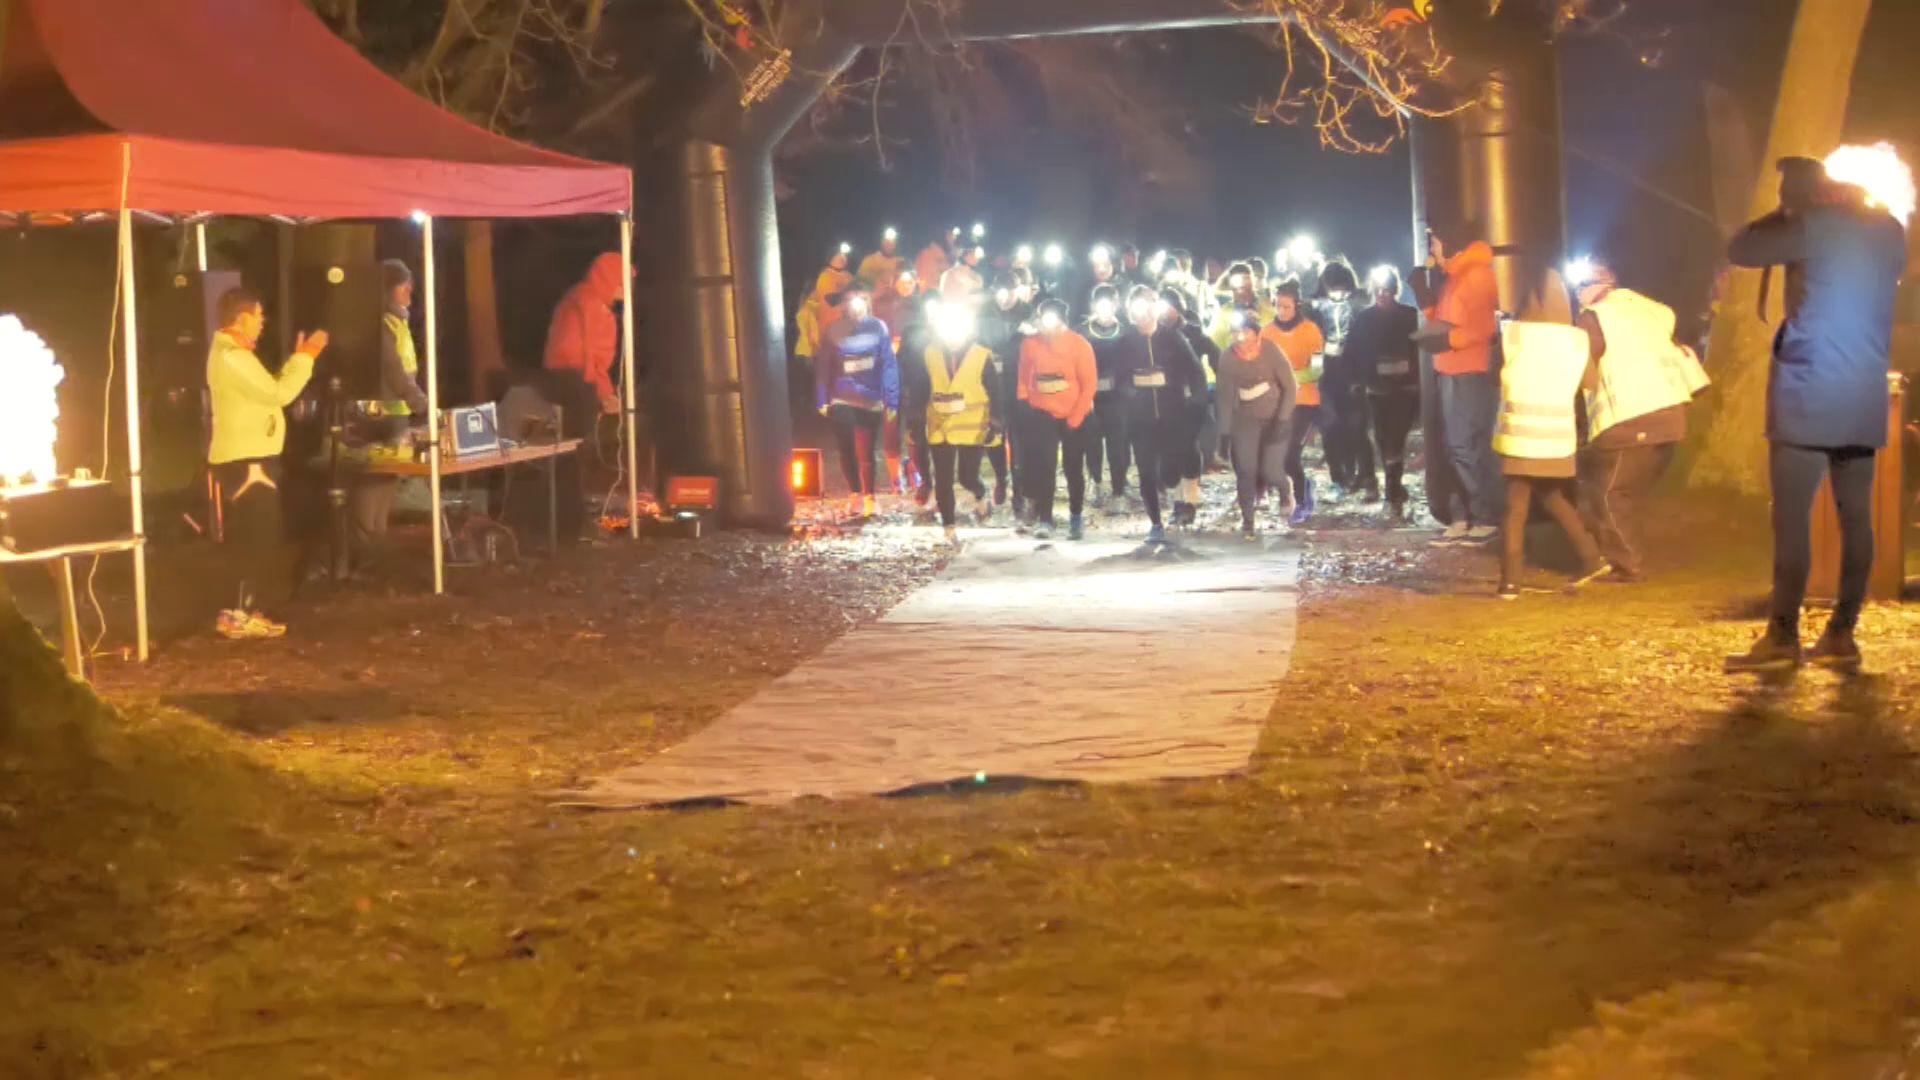 VILDT : LADIES MUD RACE UDSOLGT PÅ 45 MINUTTER